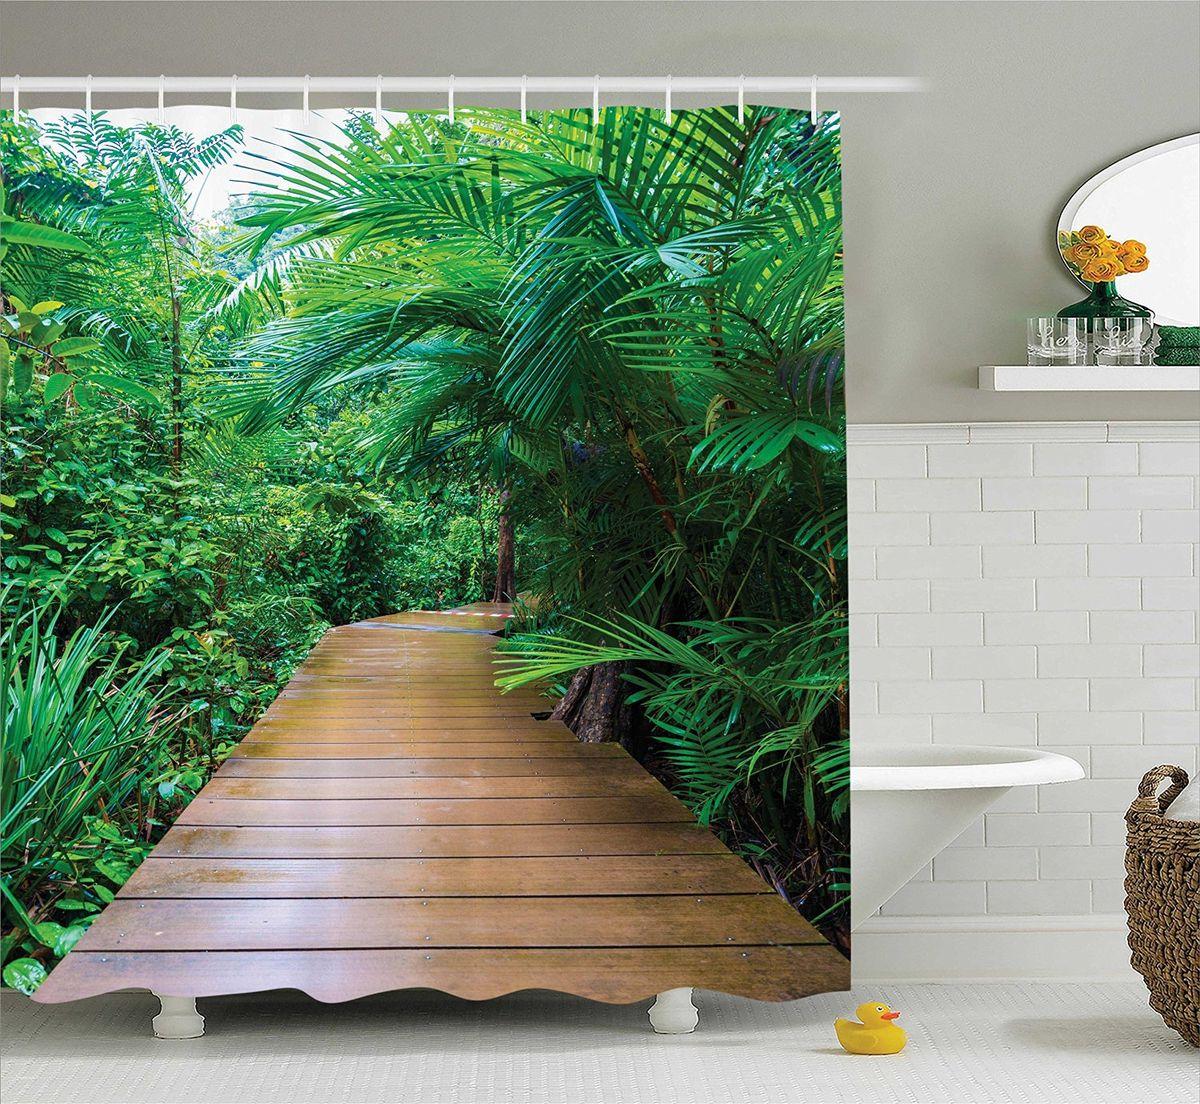 Штора для ванной комнаты Magic Lady Дорога среди тропических растений, 180 х 200 см403060Штора Magic Lady Дорога среди тропических растений, изготовленная из высококачественного сатена (полиэстер 100%), отлично дополнит любой интерьер ванной комнаты. При изготовлении используются специальные гипоаллергенные чернила для прямой печати по ткани, безопасные для человека.В комплекте: 1 штора, 12 крючков. Обращаем ваше внимание, фактический цвет изделия может незначительно отличаться от представленного на фото.